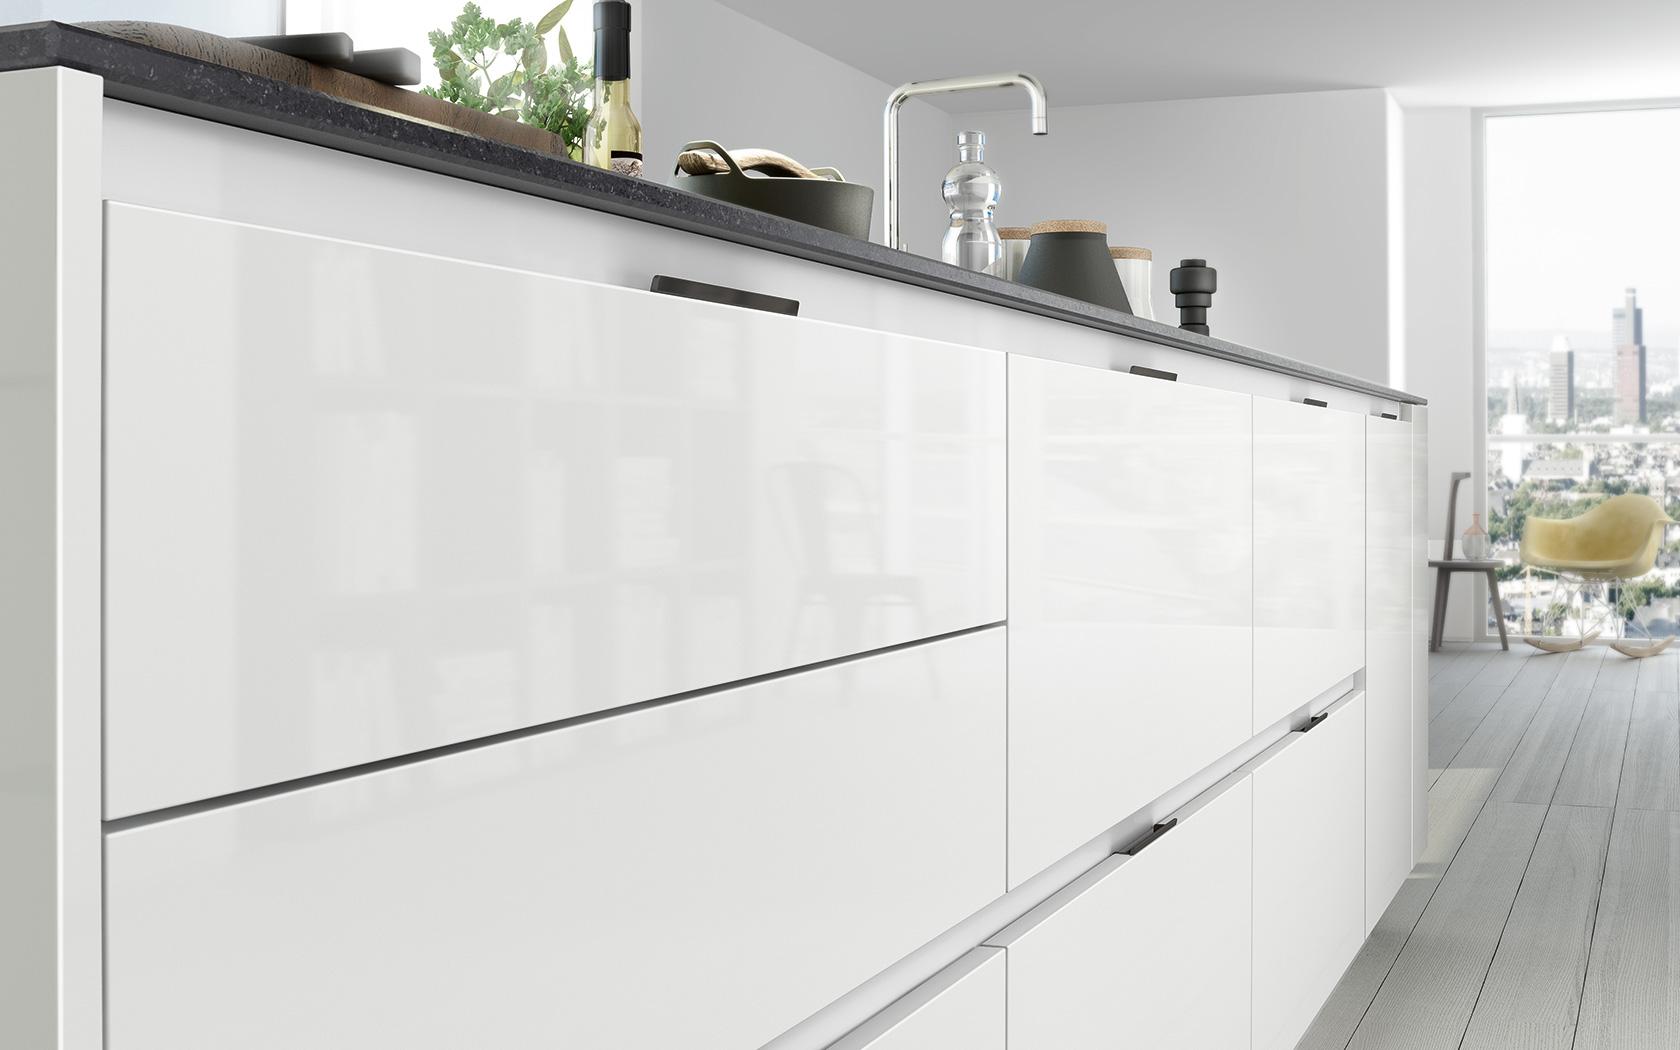 Nieuwe siematic s3 keuken vindt u bij nieuwenhuis keukens - Kleine centrale eiland goedkoop keuken ...